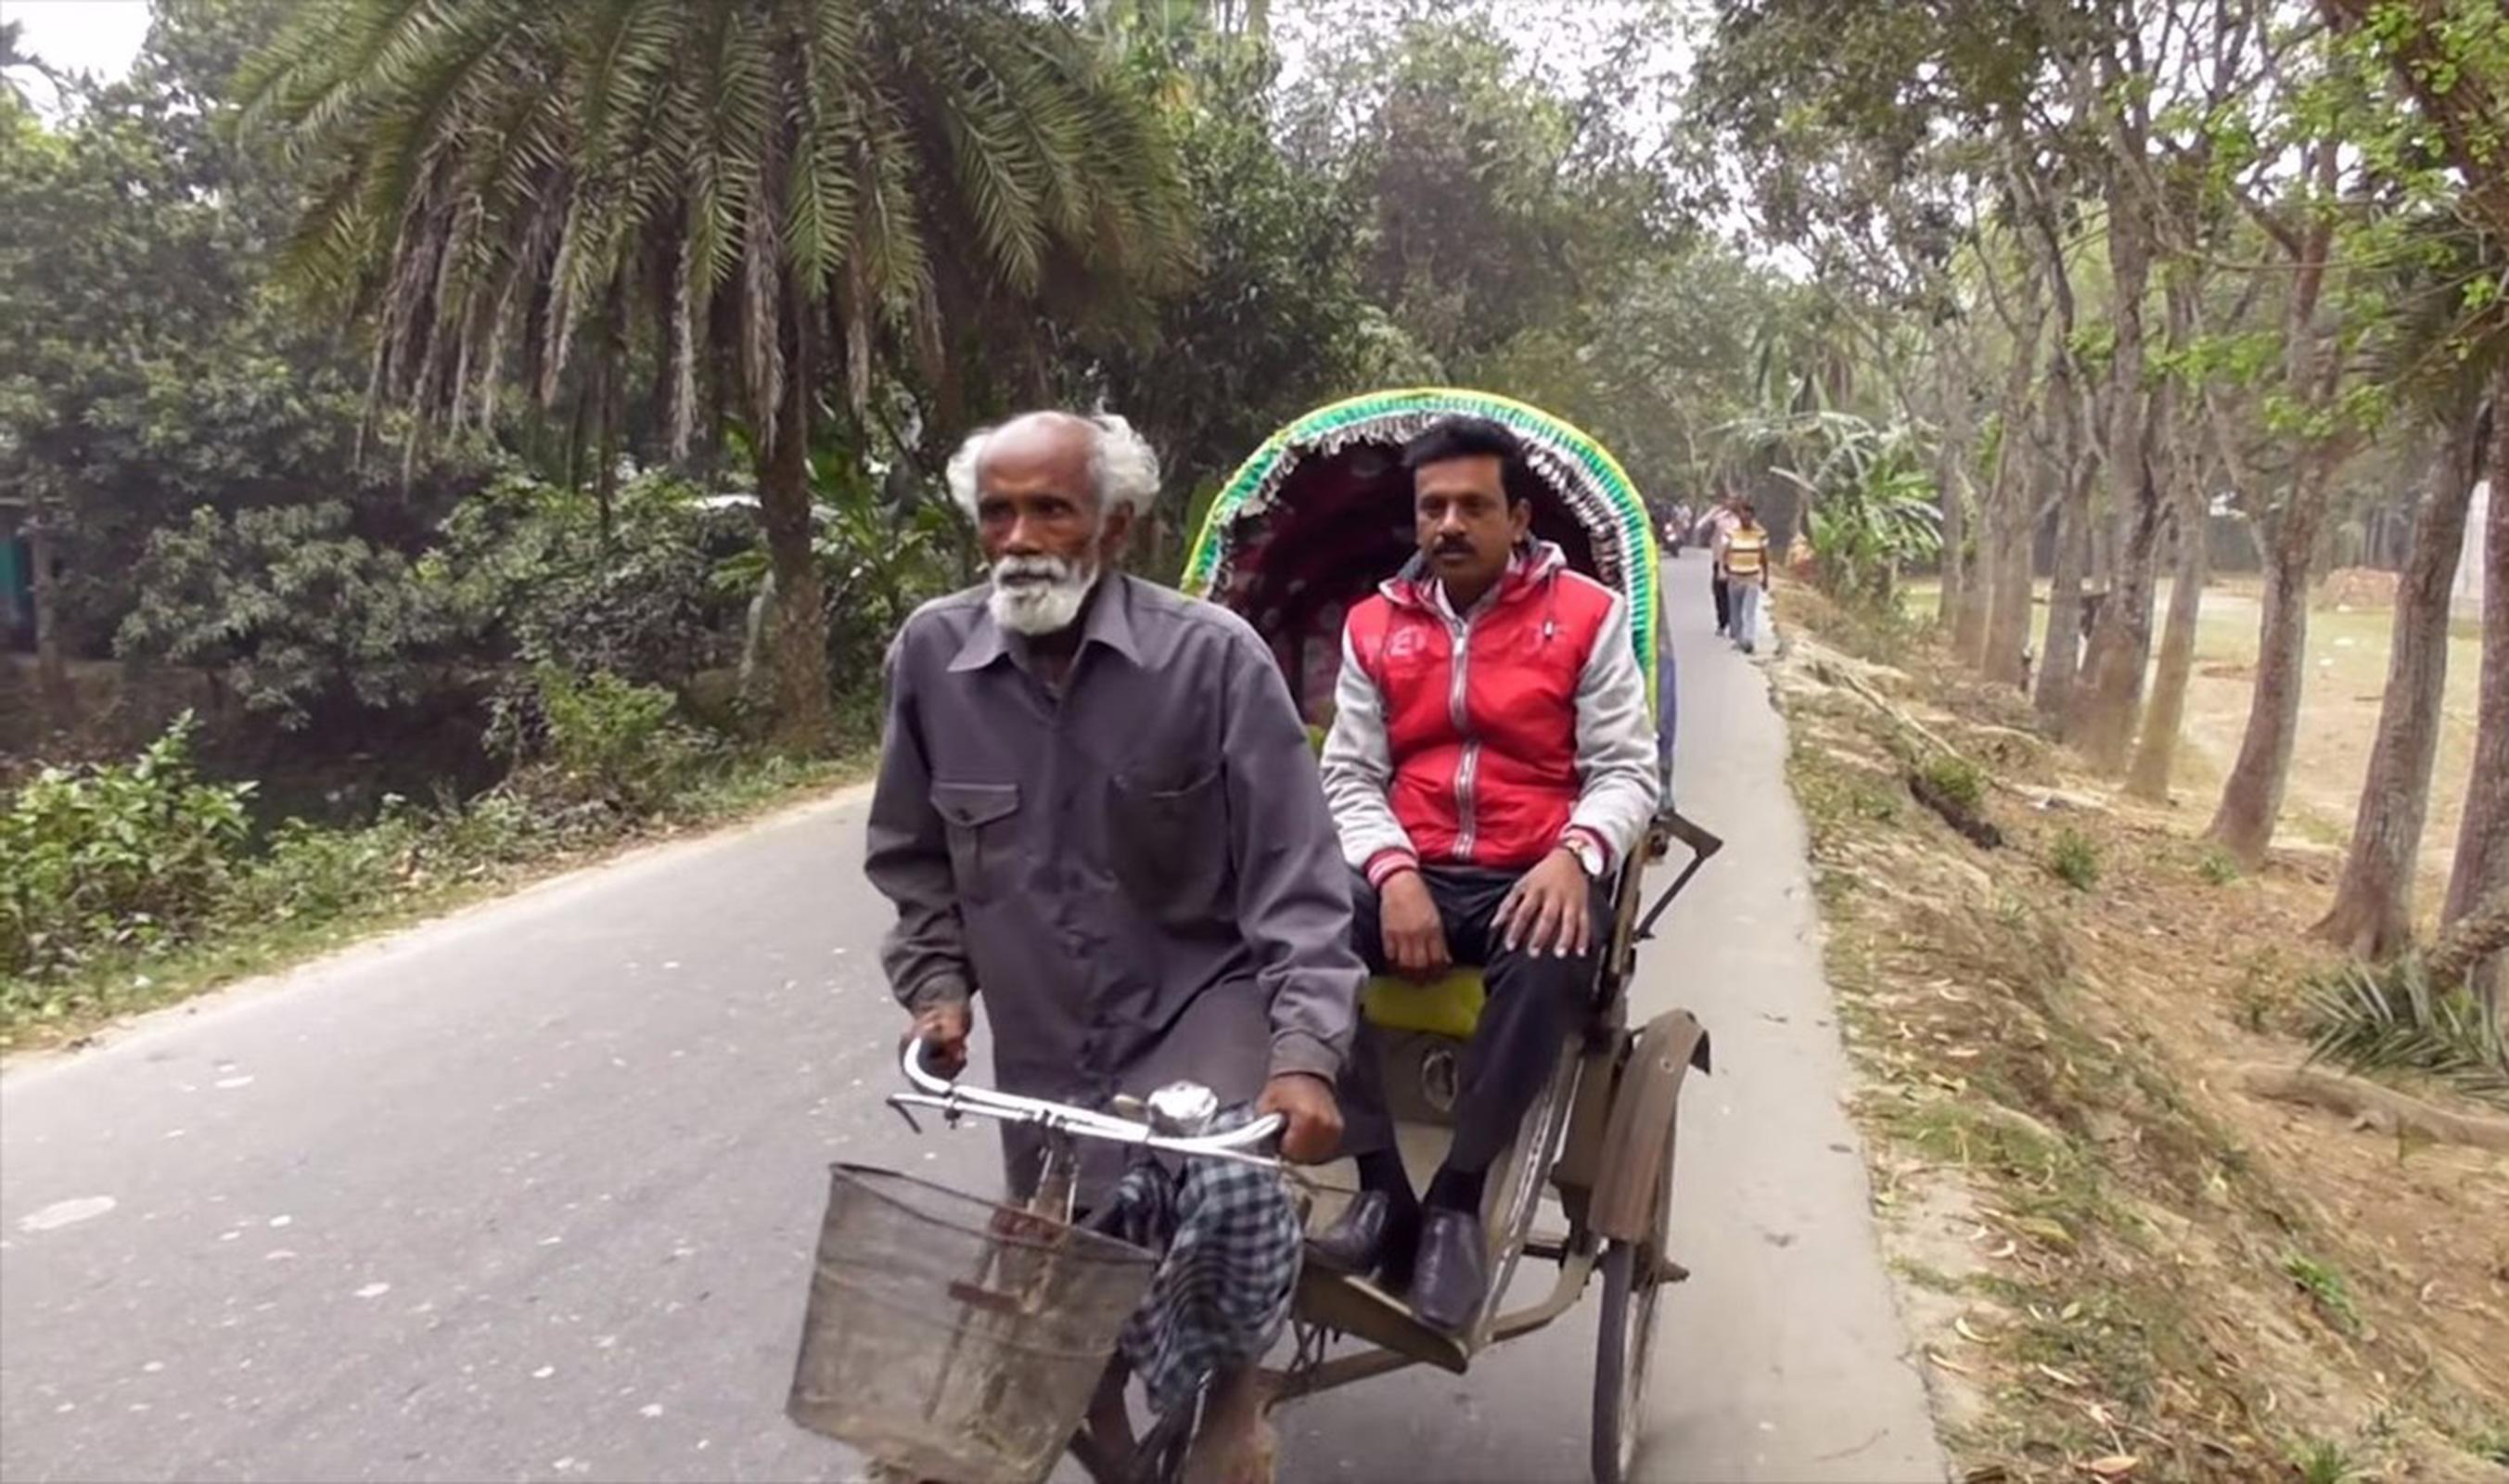 Абдул Самад Шейх работает рикшей и сажает деревья